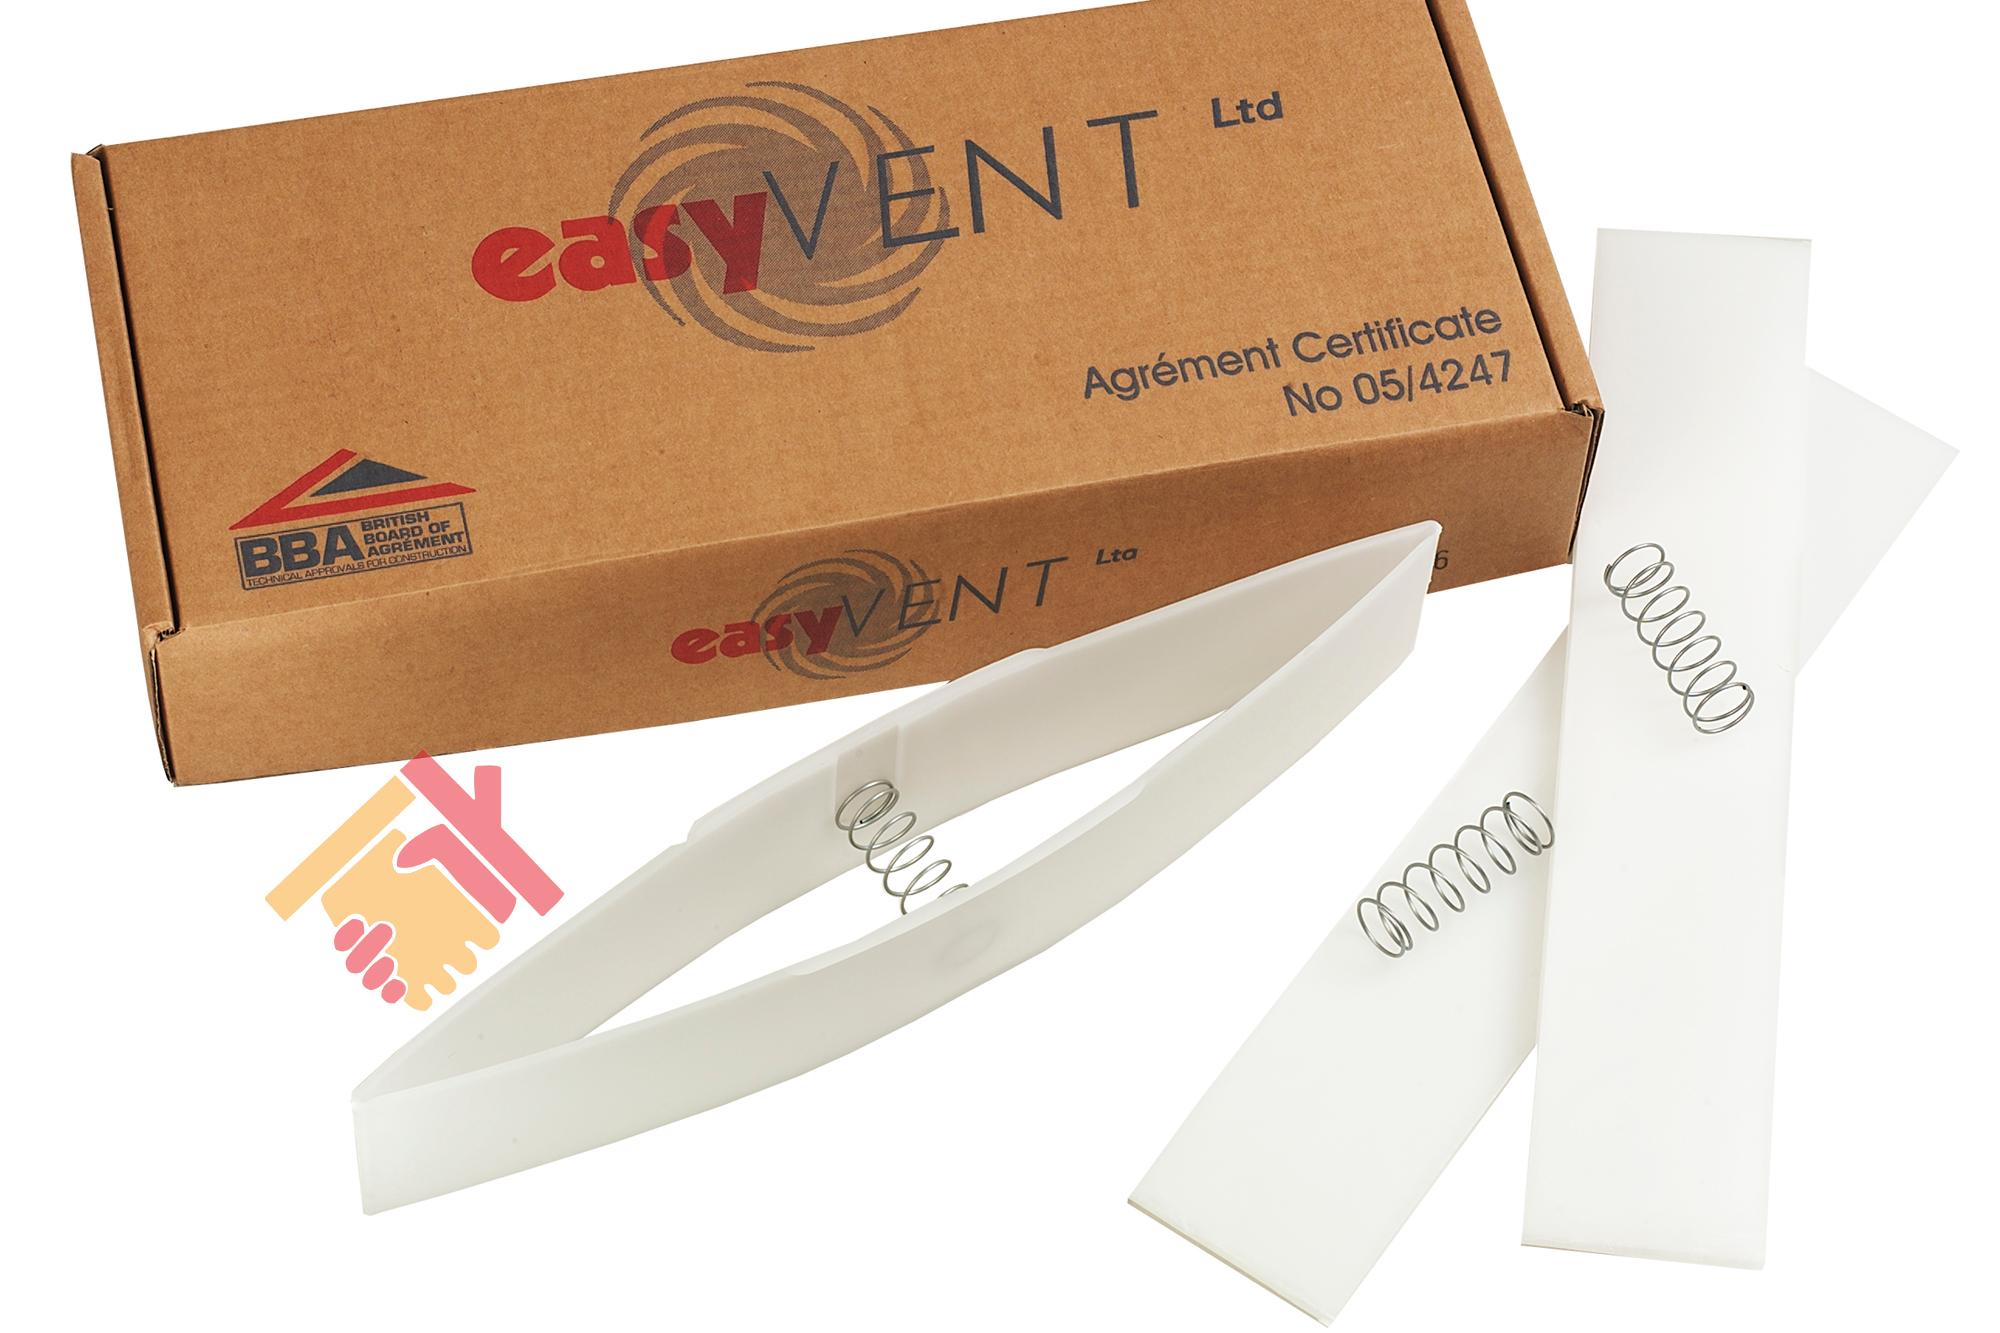 EasyVent